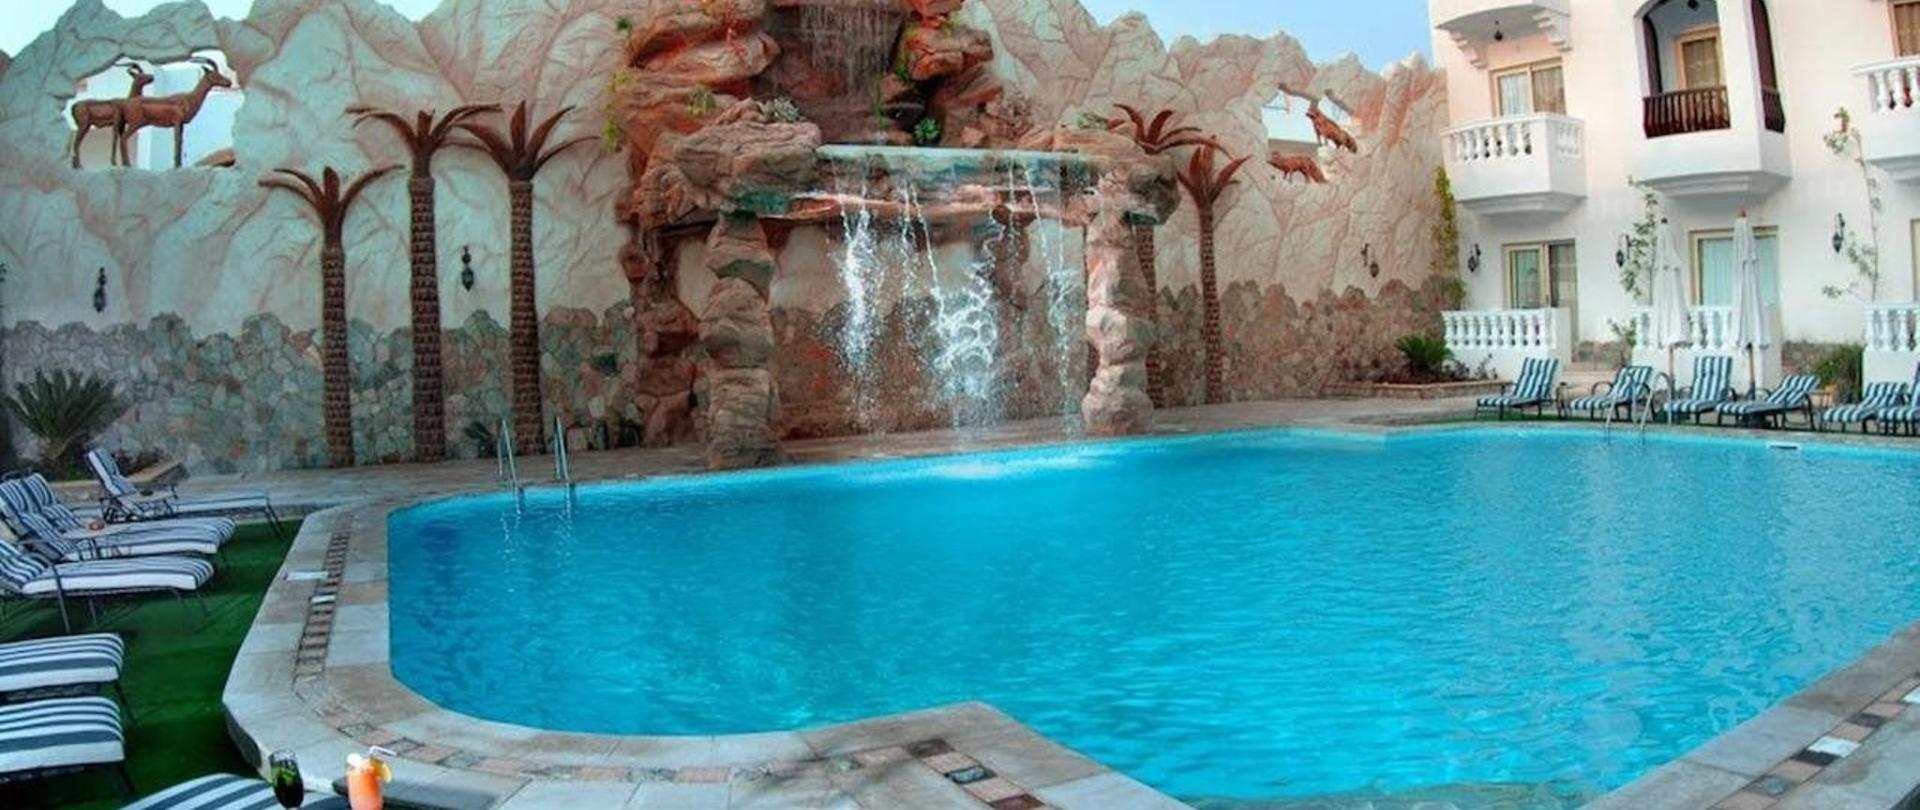 Oriental Rivoli Hotel Spa Sharm El Sheikh ägypten